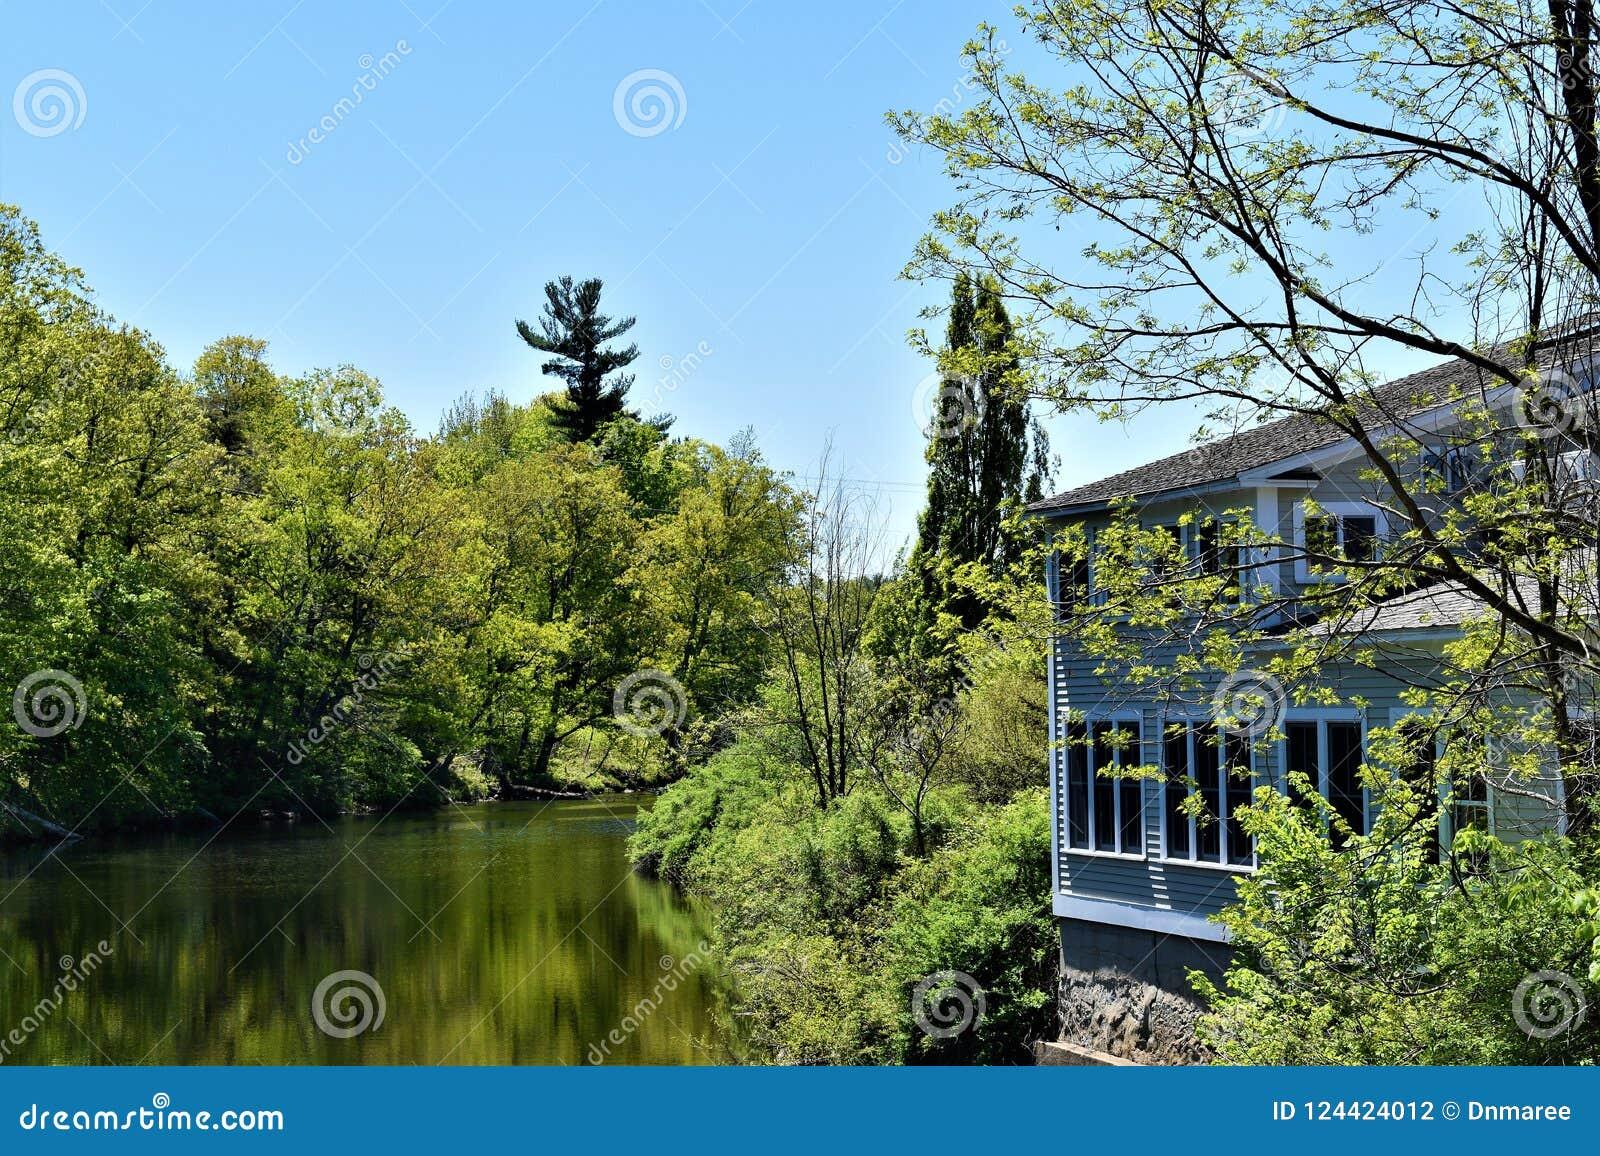 Río de Contoocook, ciudad de Peterborough, el condado de Hillsborough, New Hampshire, Estados Unidos